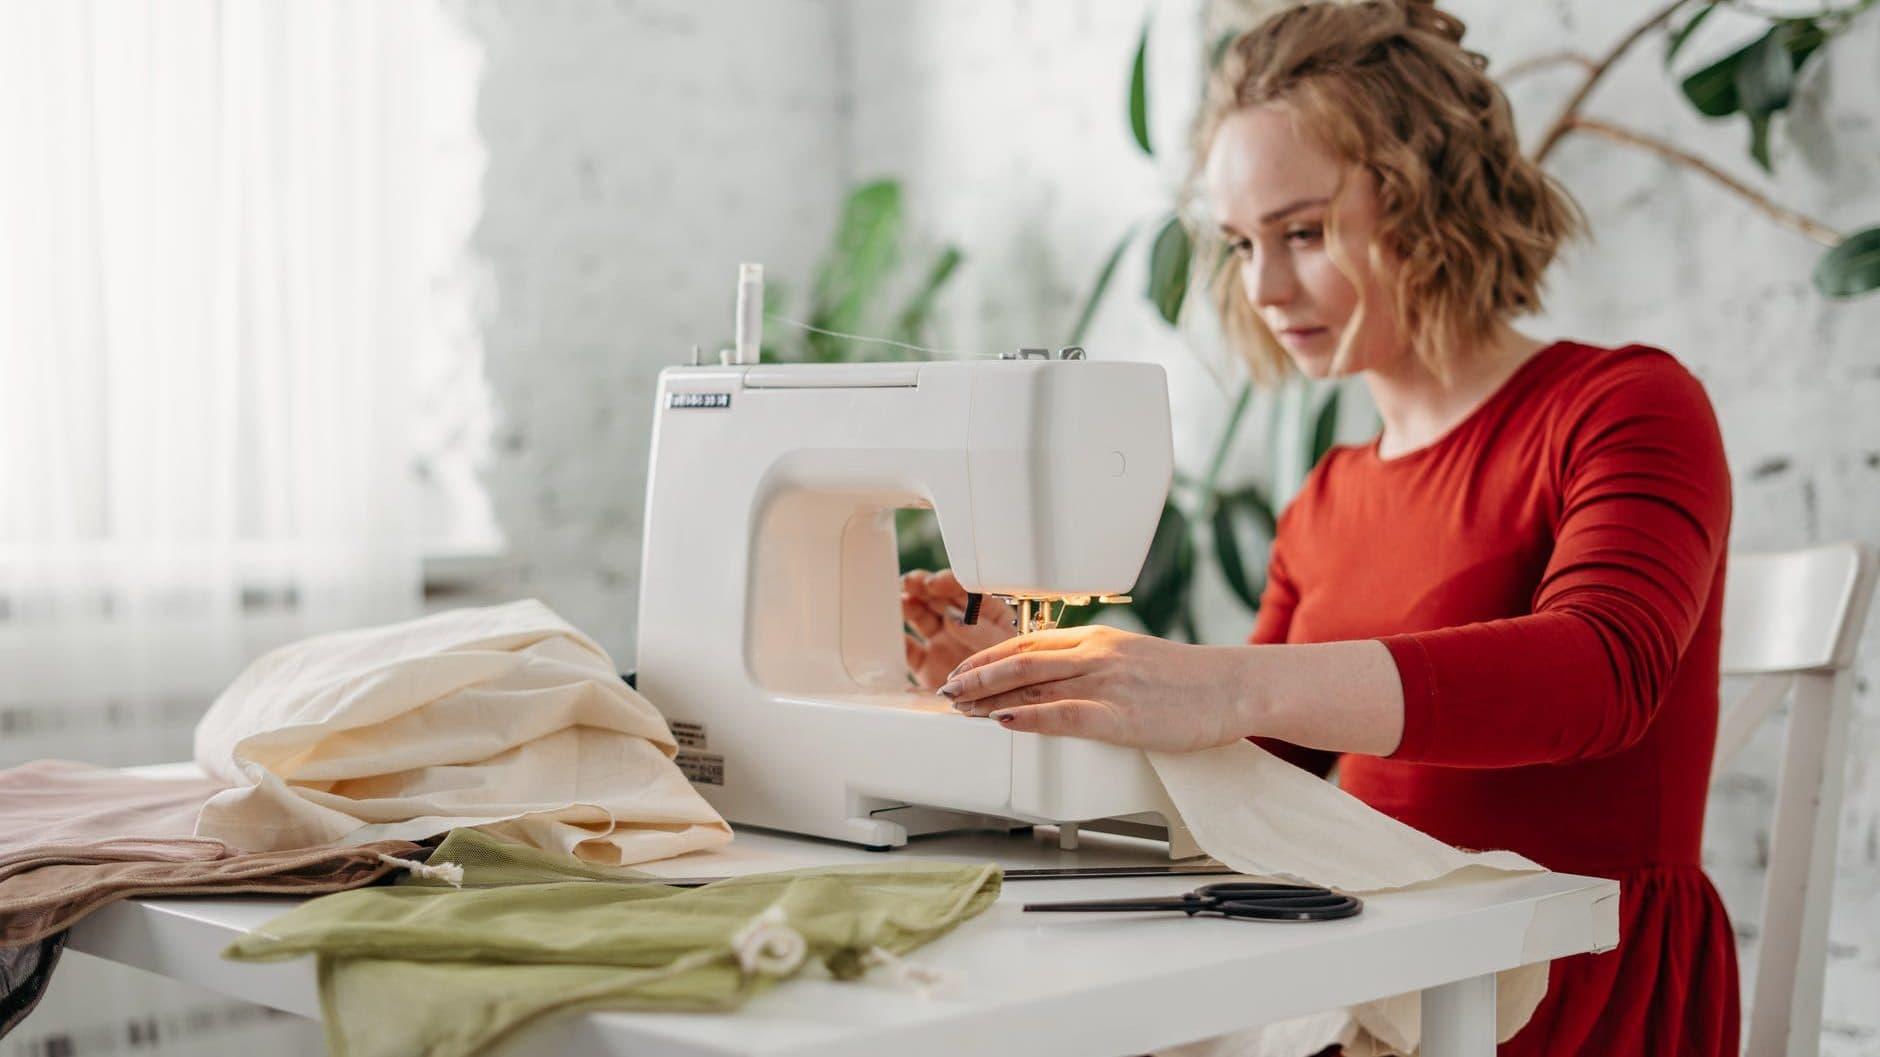 naaister aan het werk met naaimachine